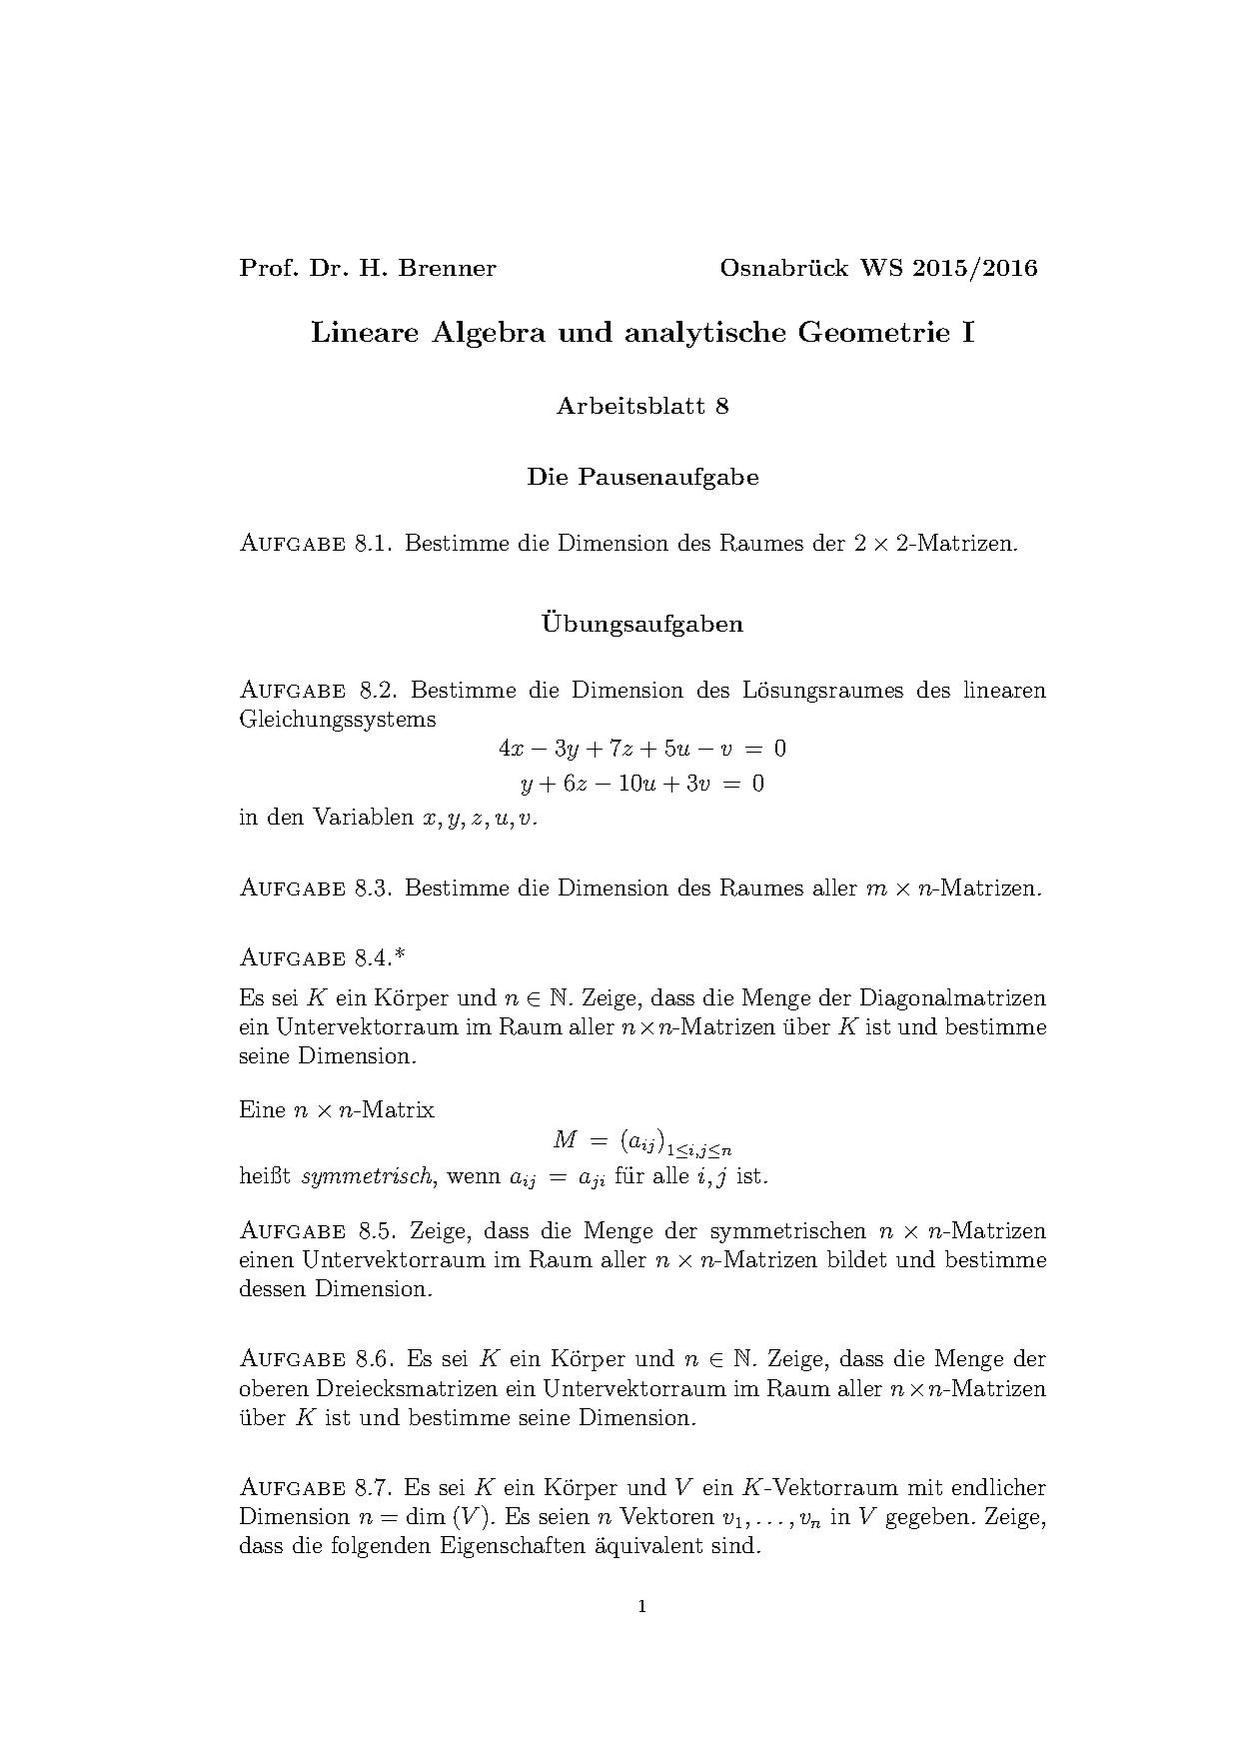 Beste Algebra 2 Arbeitsblatt Antworten Bilder - Arbeitsblatt Schule ...